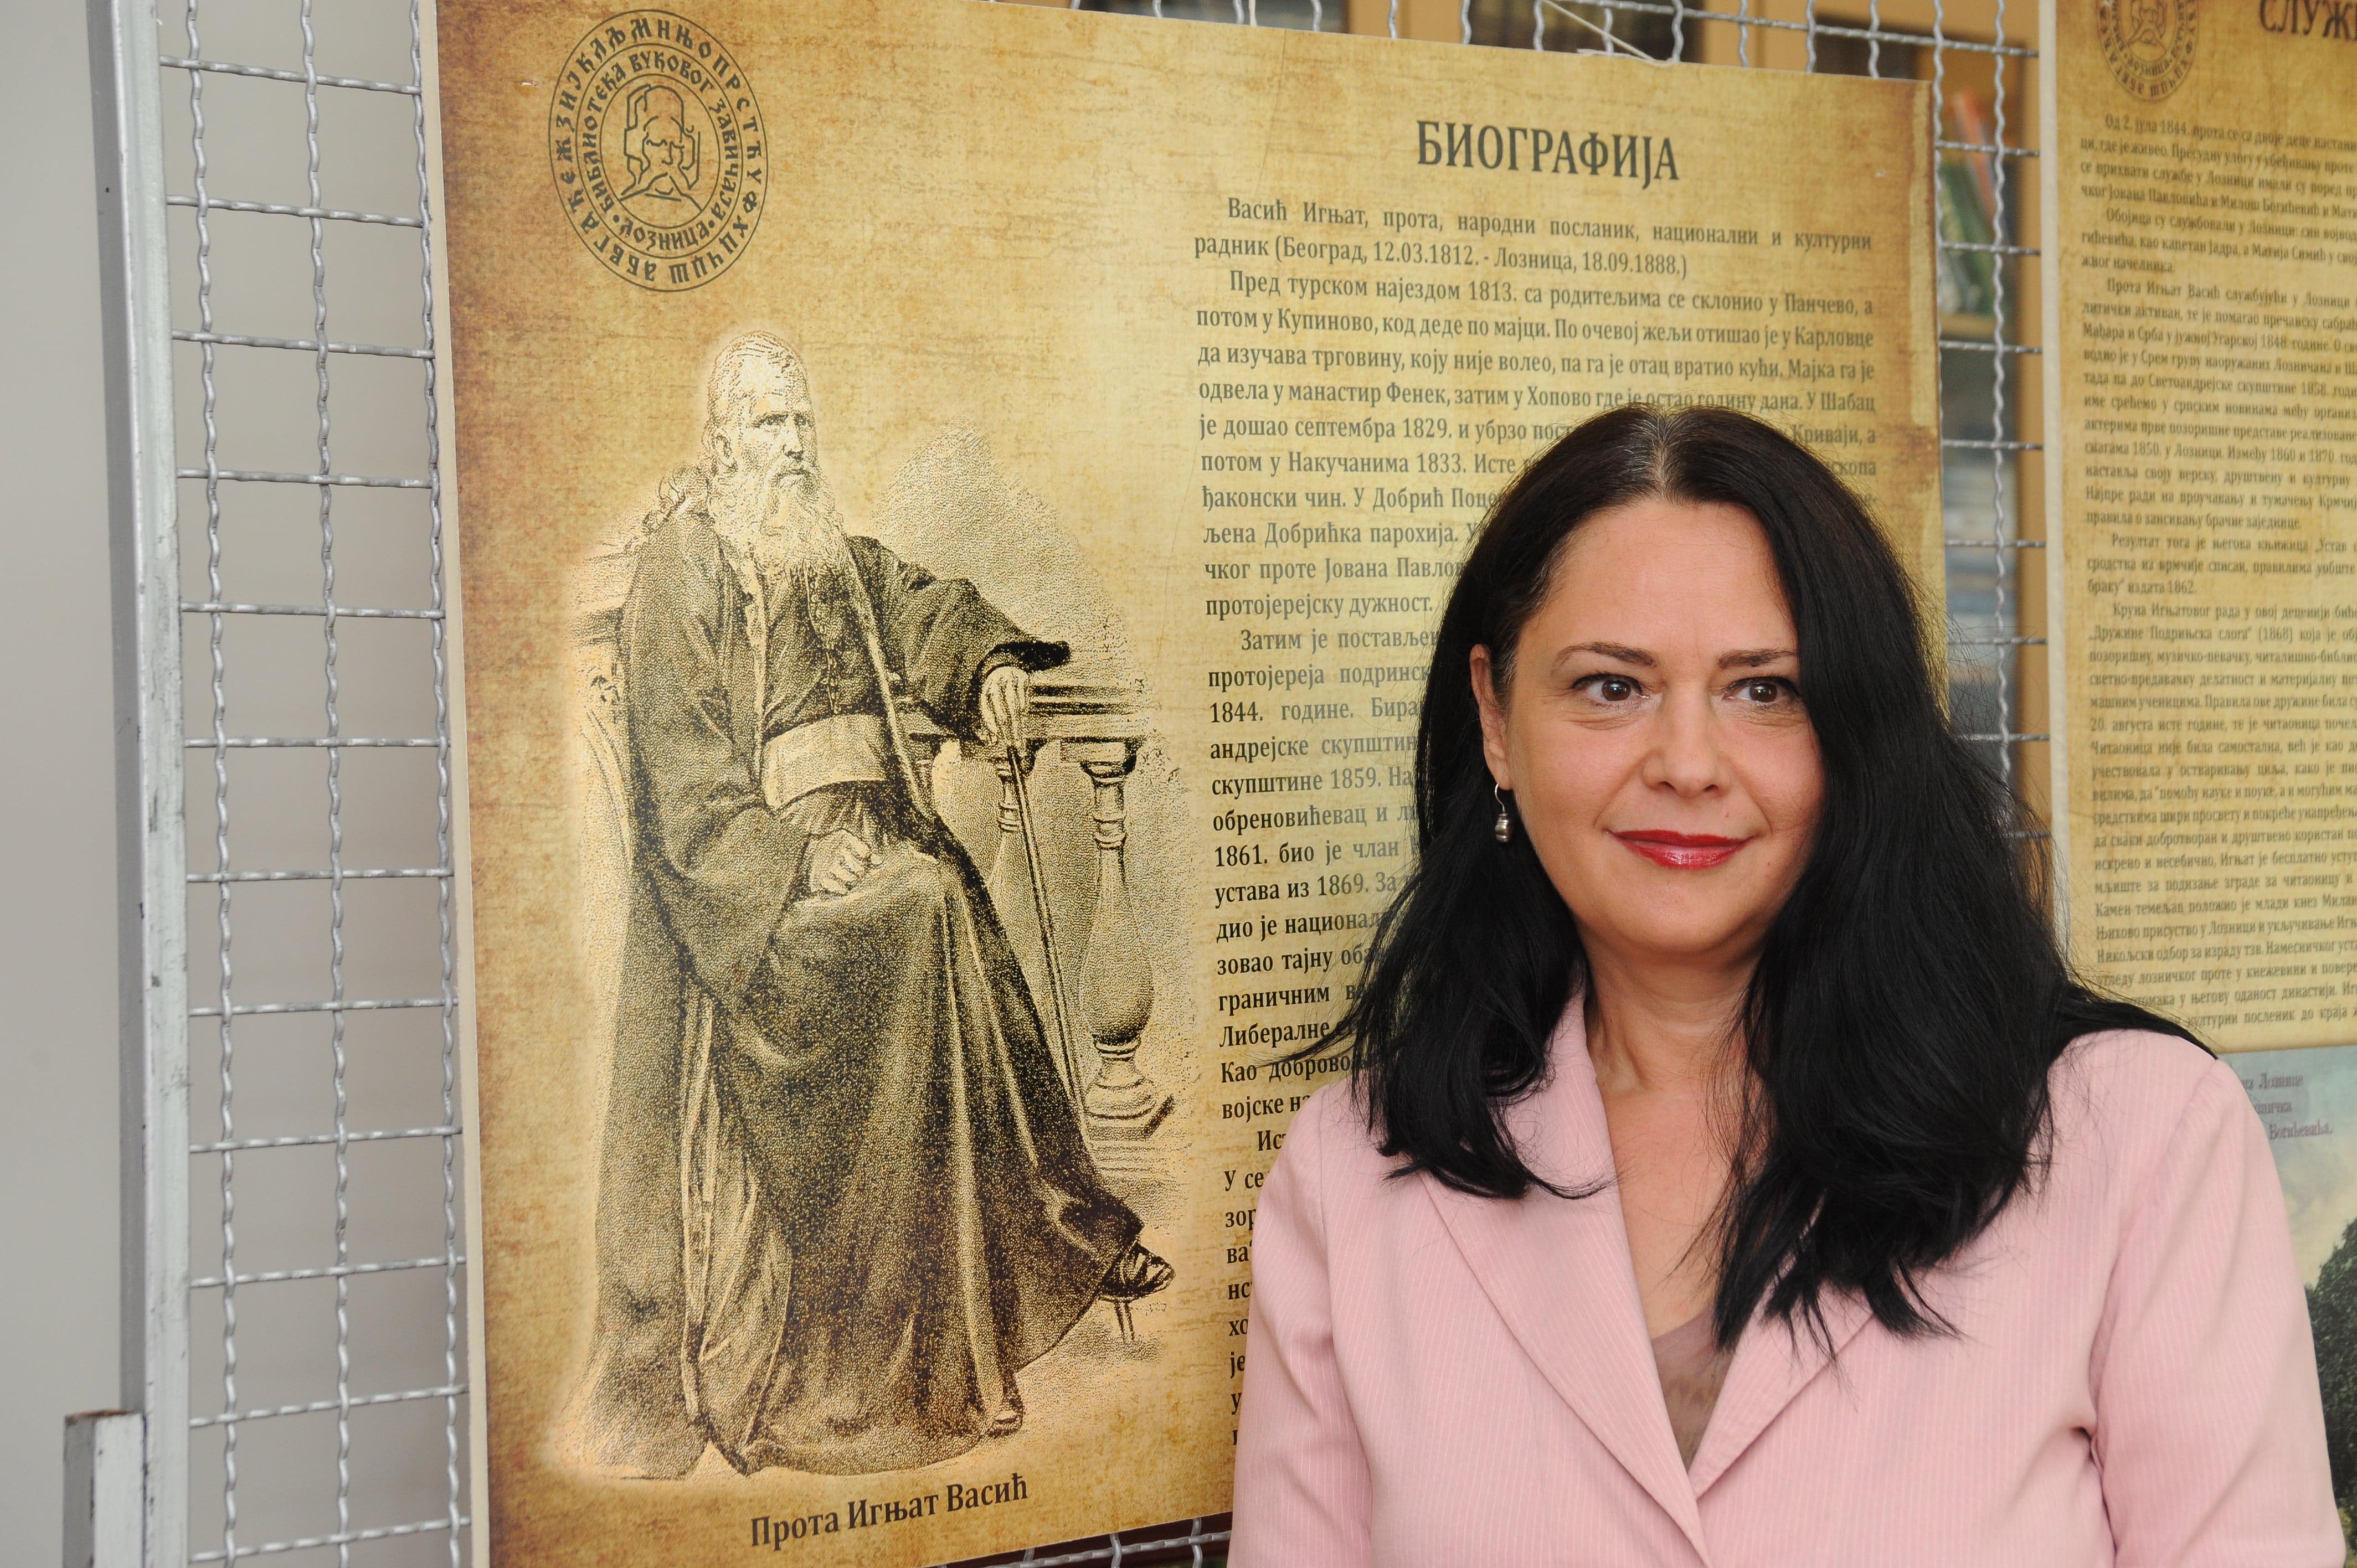 Мирјана Пејак